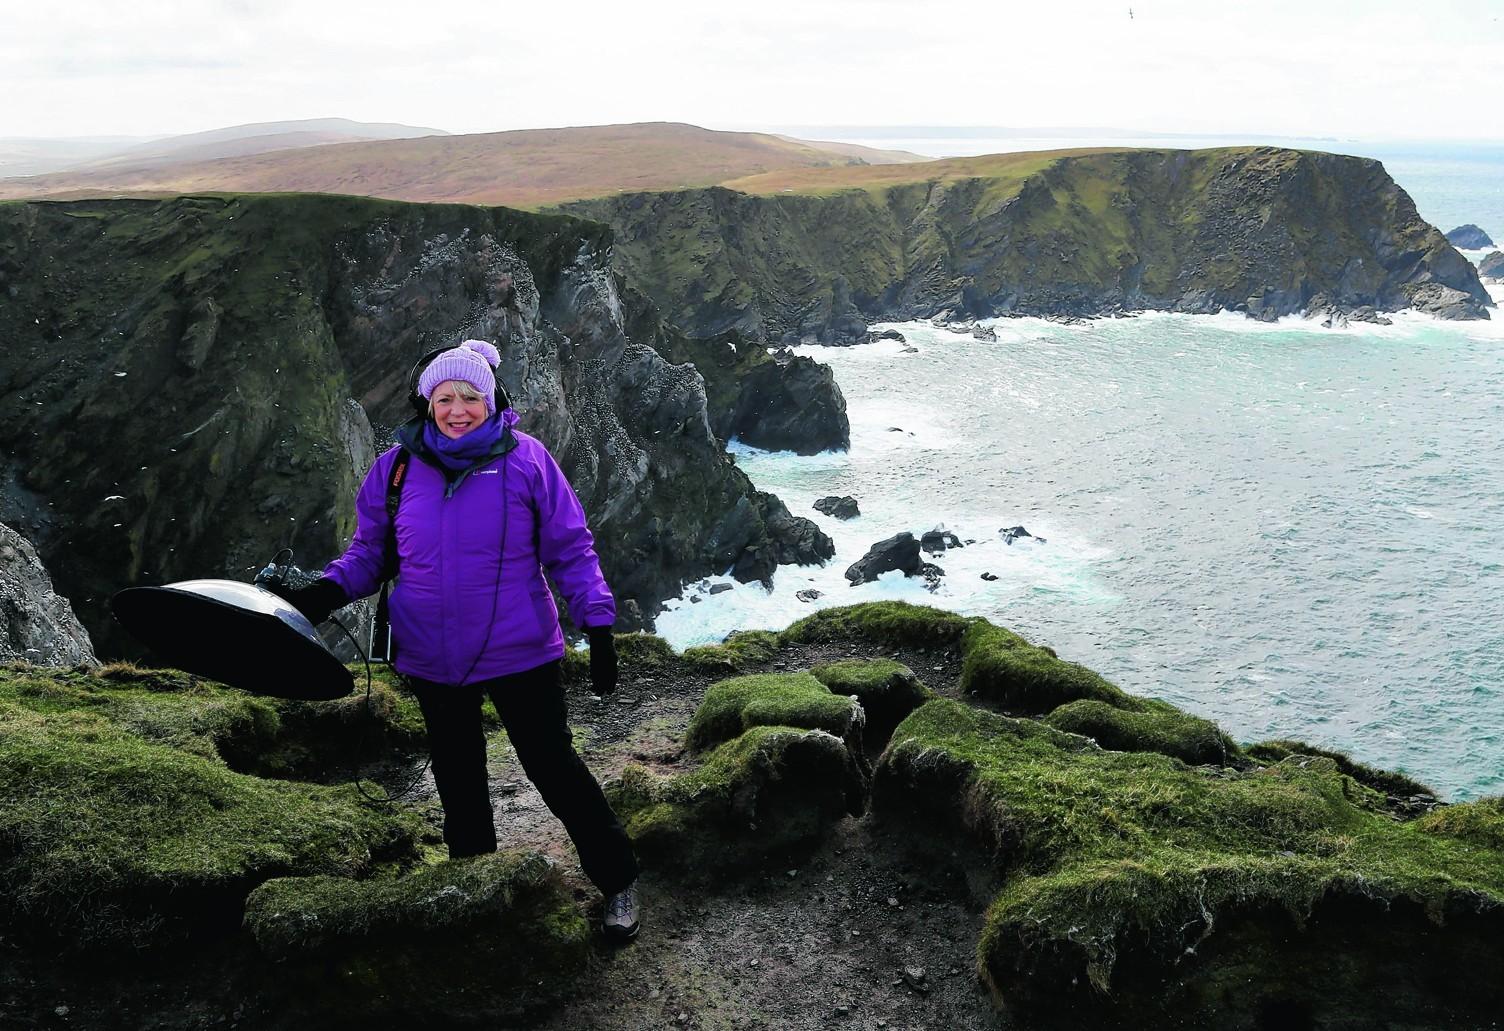 Alison Steadman visited Shetland for a new ITV documentary